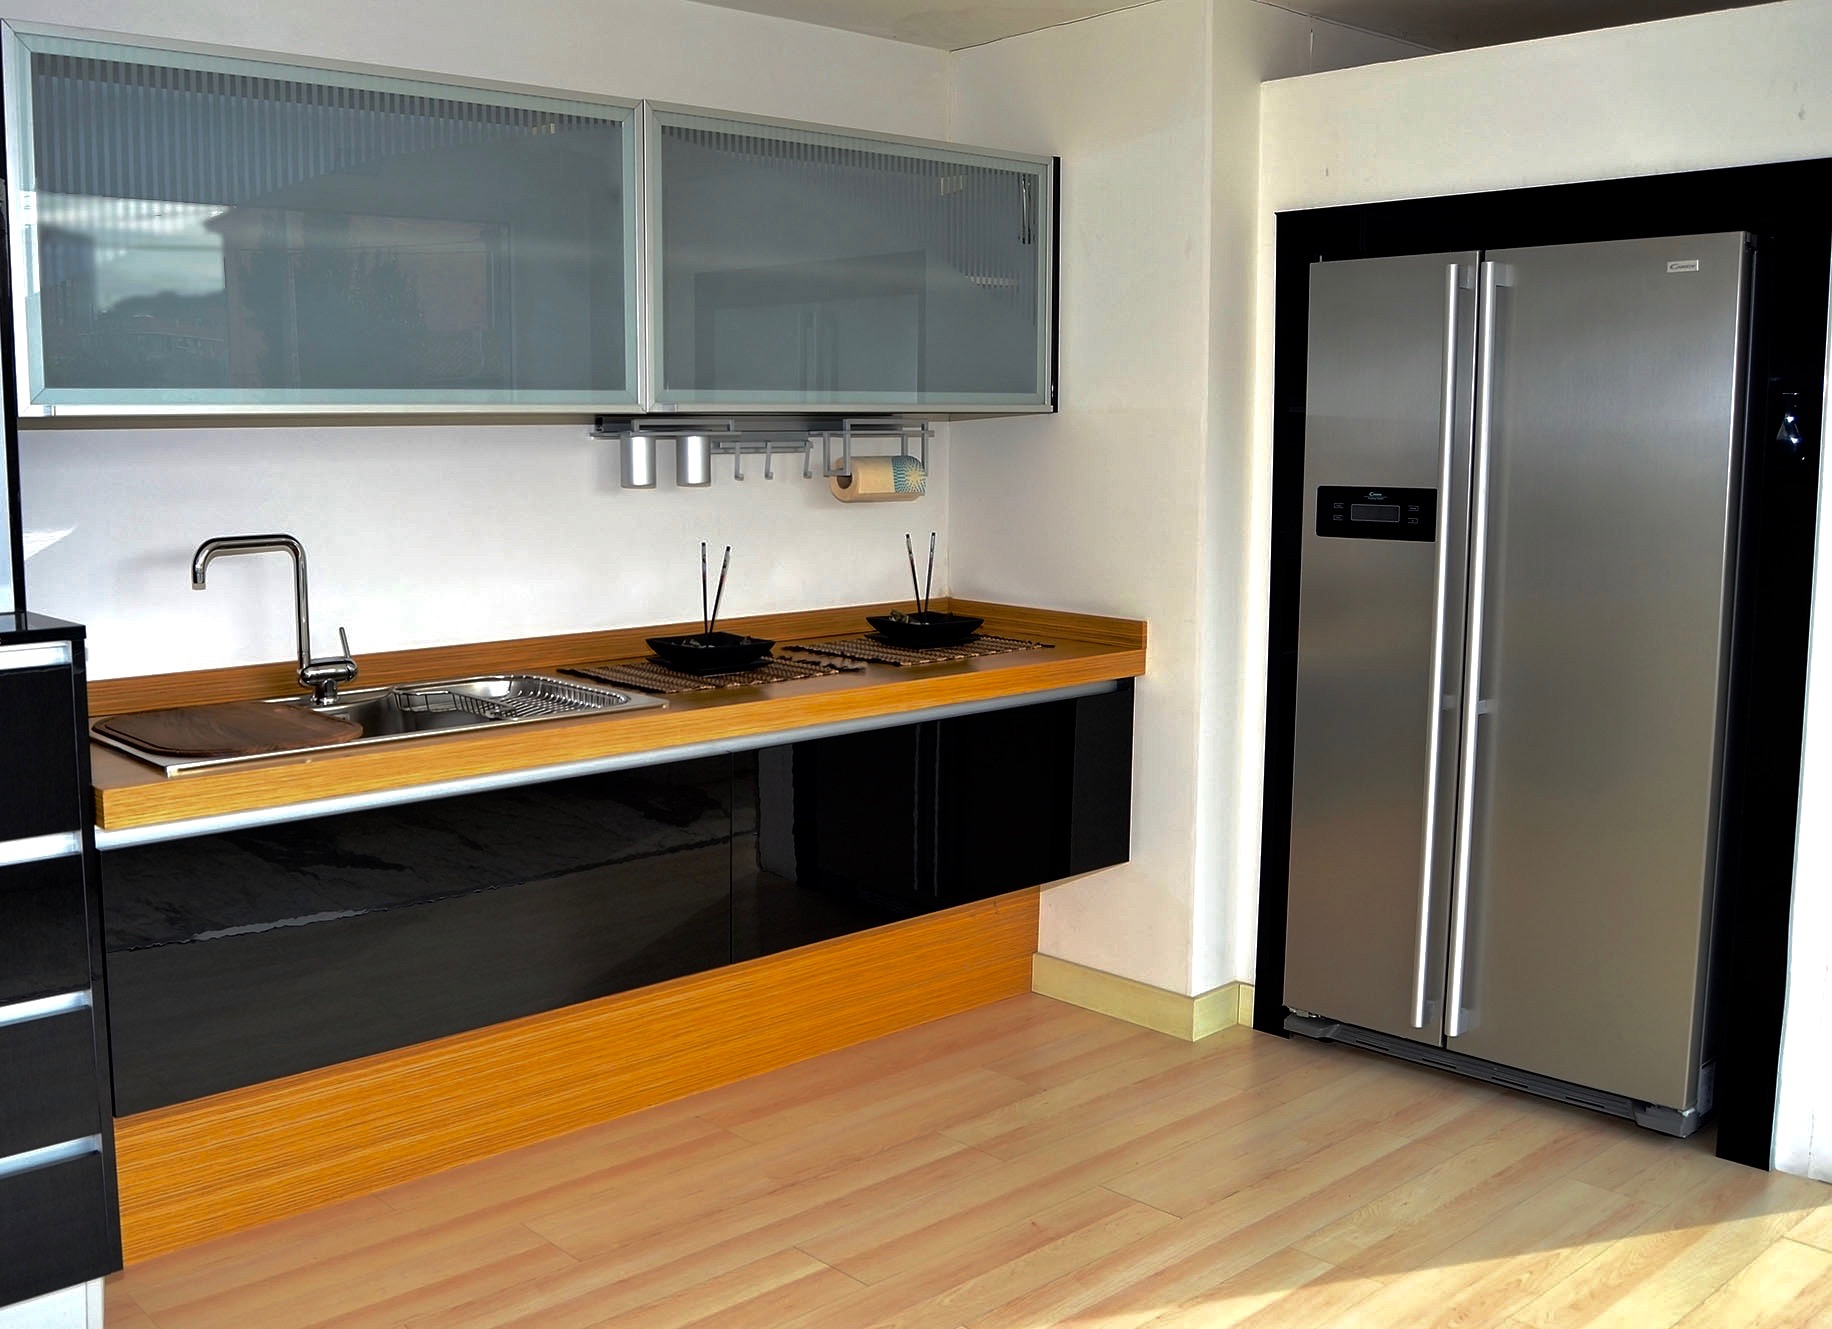 Nuestras cocinas elegantes07 josman hermanos tienda de for Cocinas y banos modernos